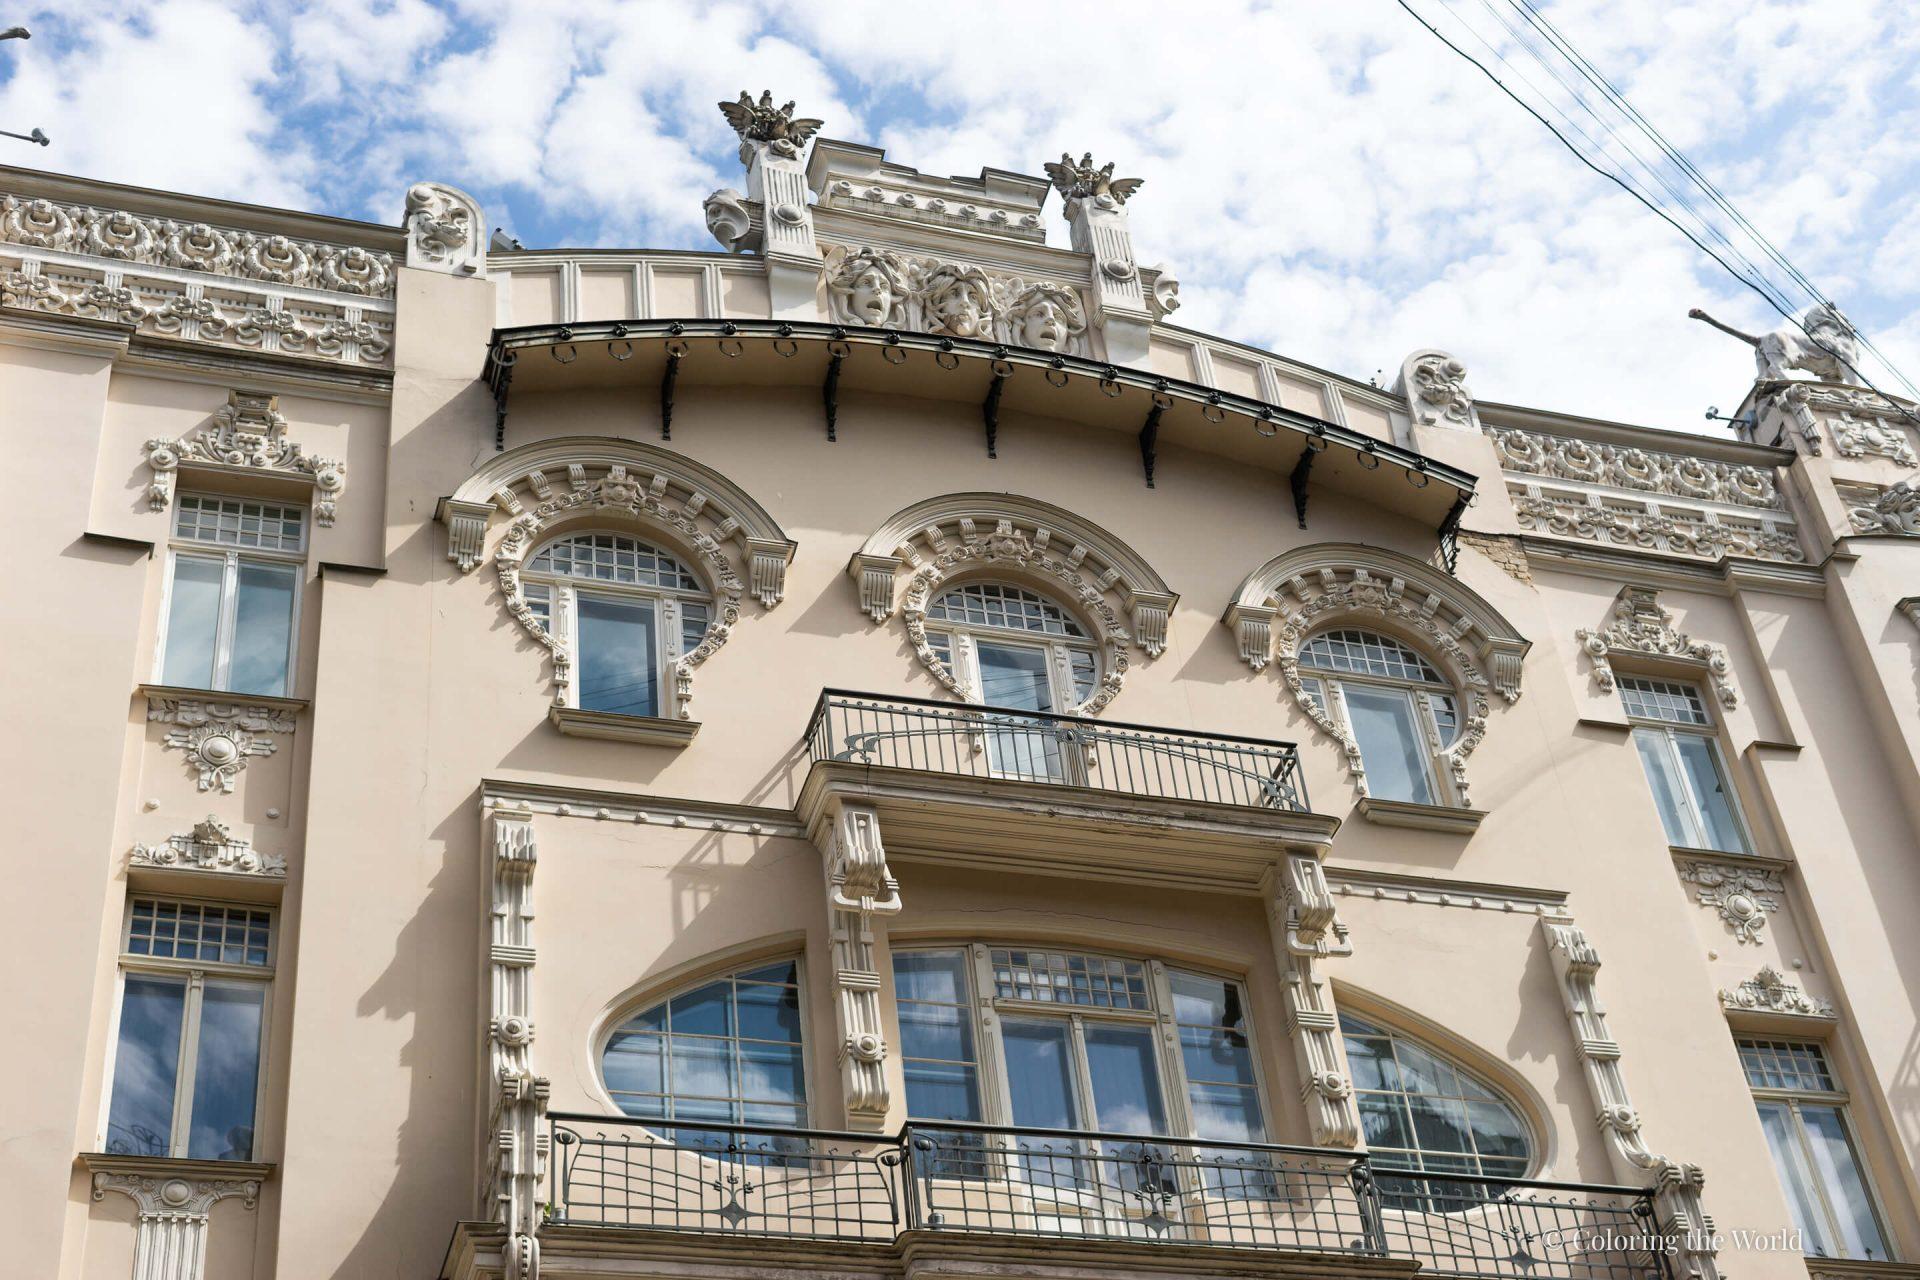 Jugend-alueen arkkitehtuuria Riiassa